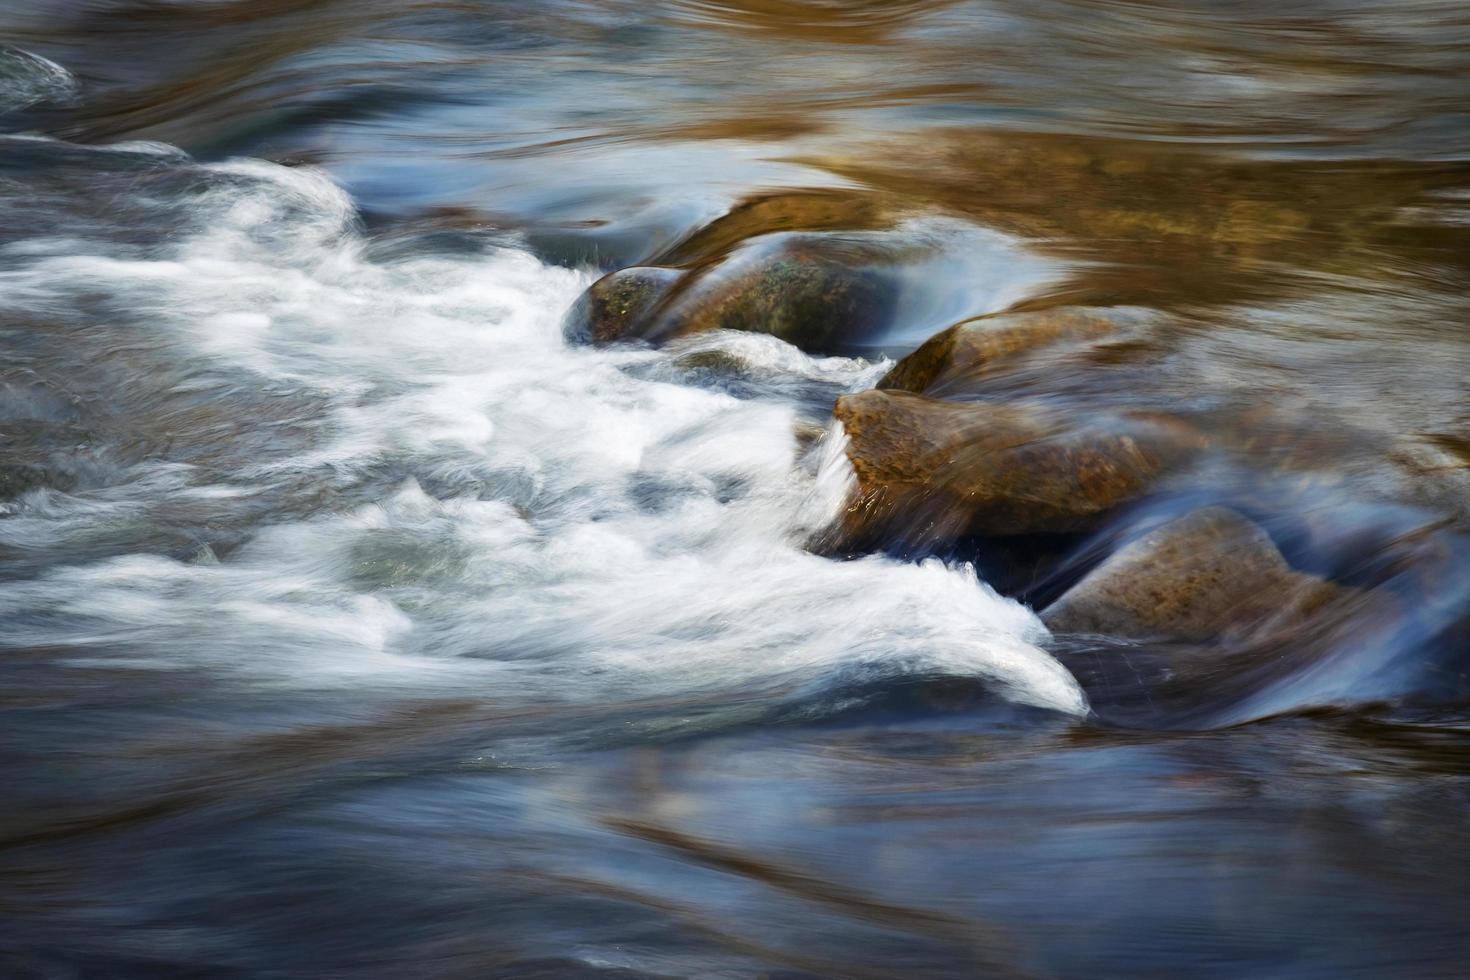 longue exposition des rapides de la rivière photo